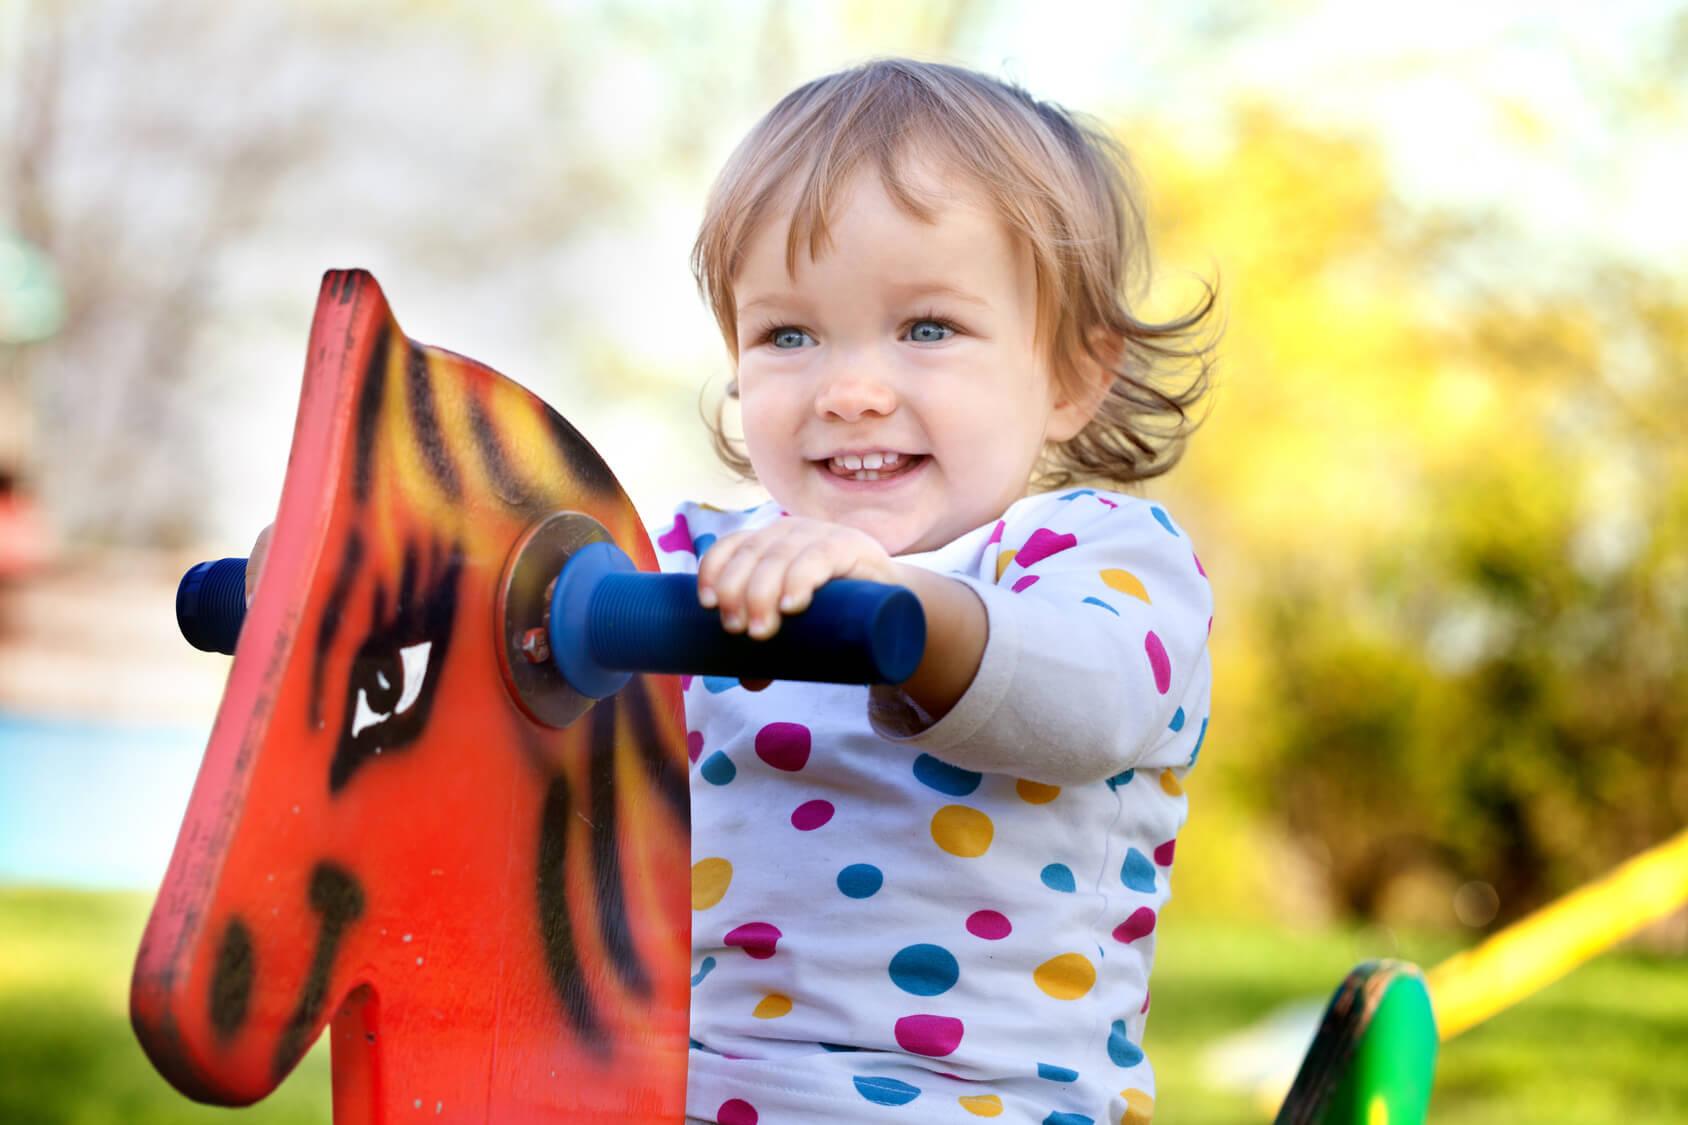 משבר גיל שנתיים - גיל ההתבגרות הראשון